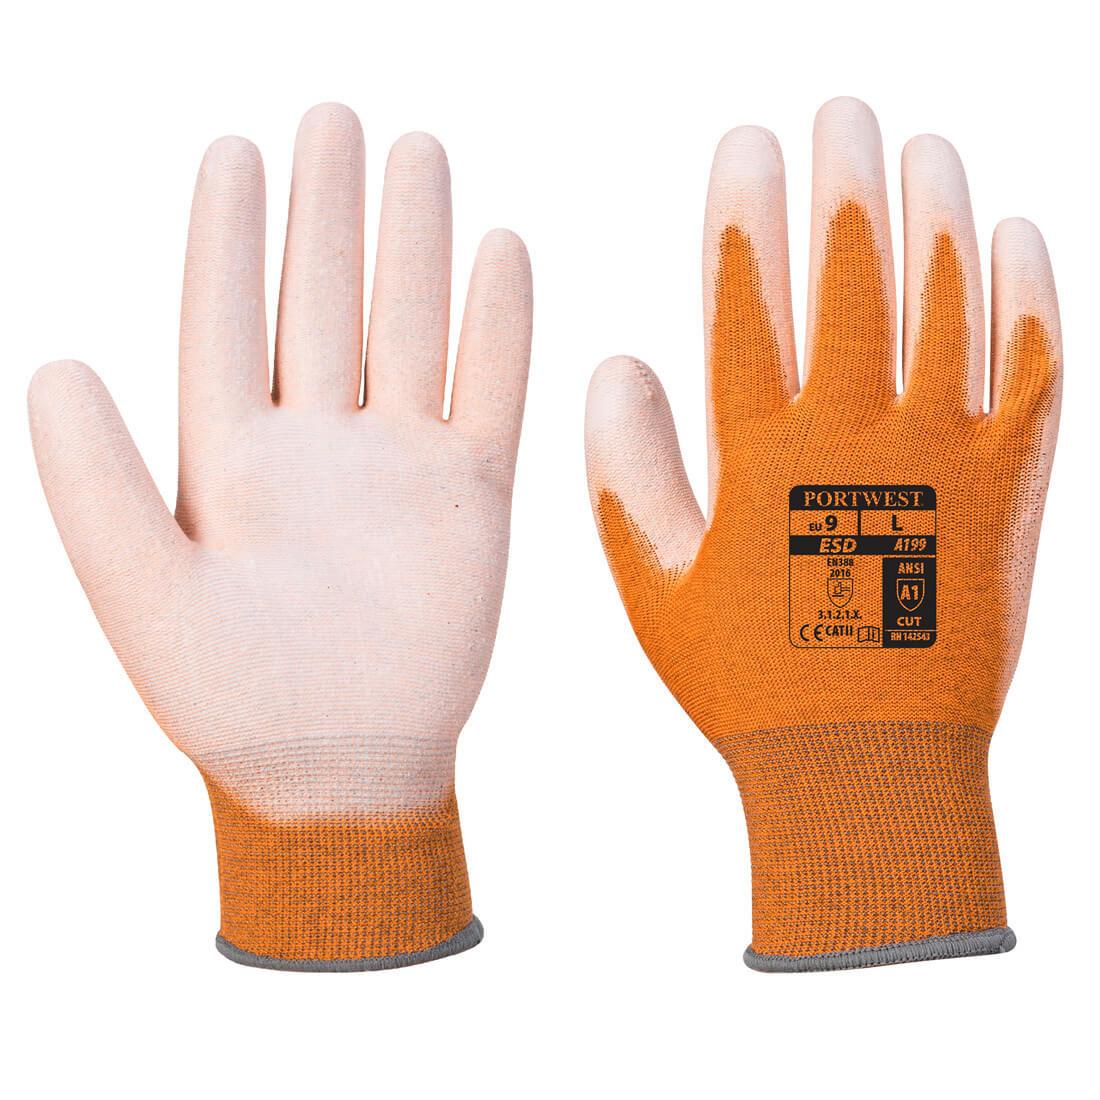 Manusi Antistatice PU Palm - Echipamente de protectie personala